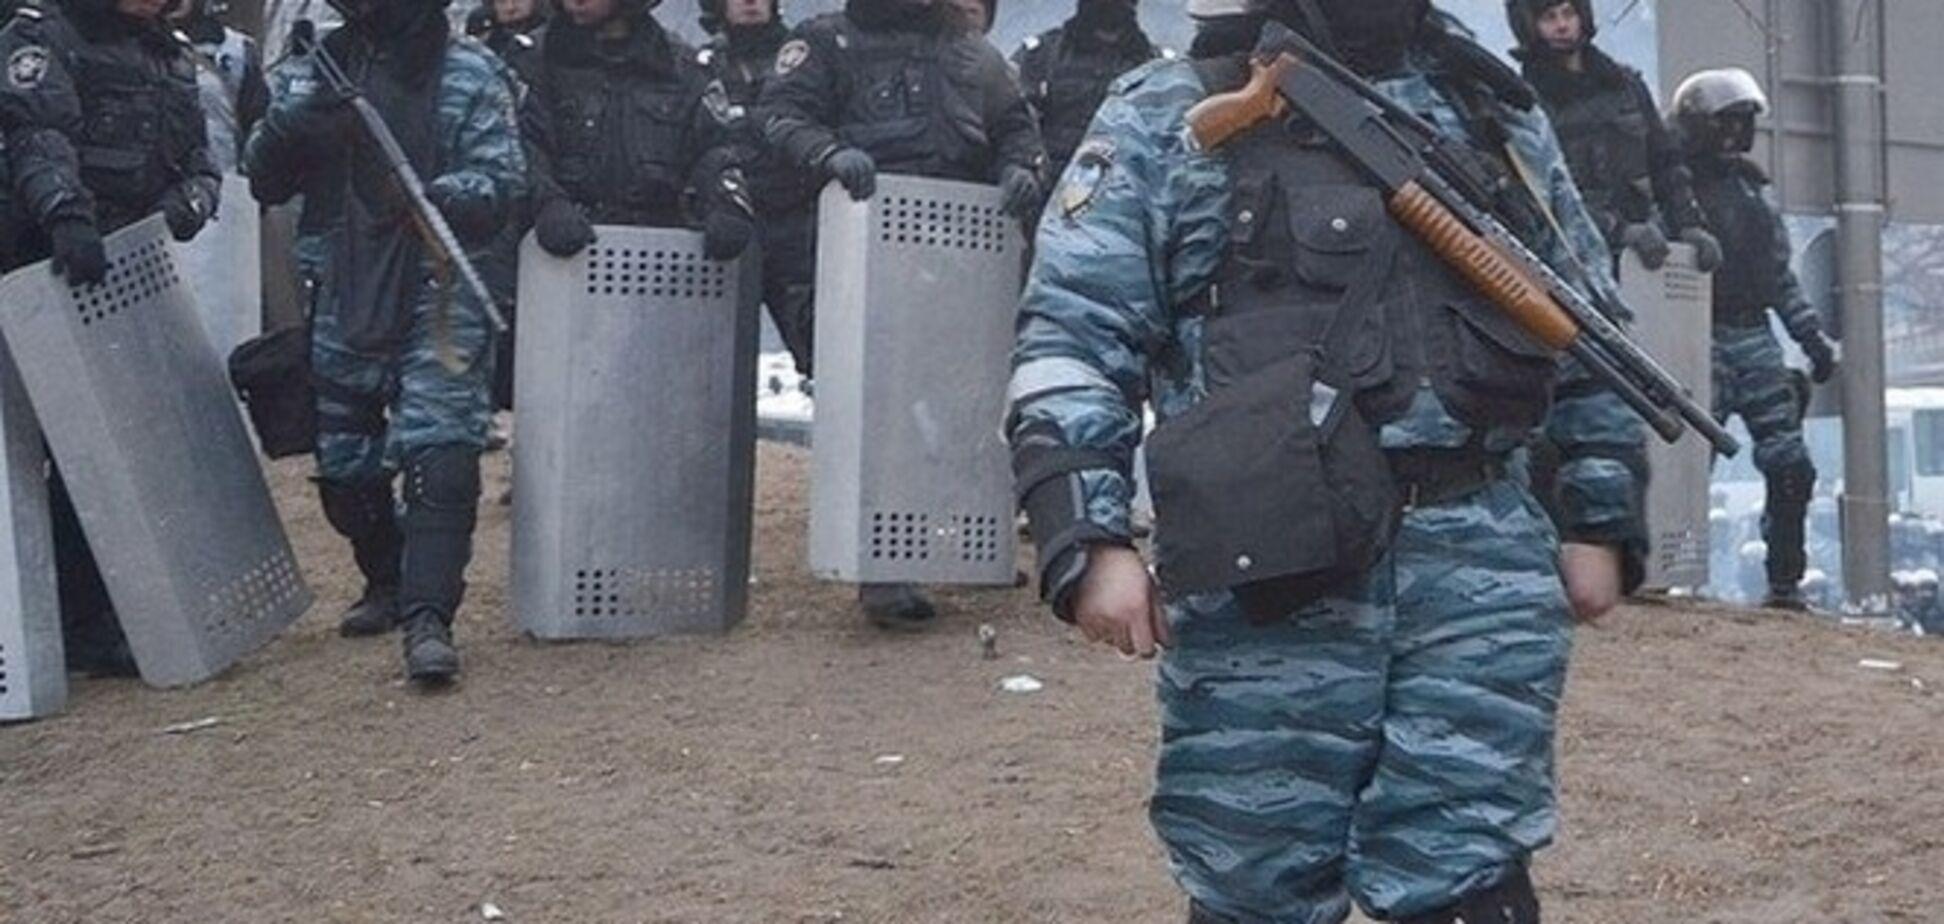 Предателем себя не считает: экс-'беркутовец' отсудил у Нацполиции 100 тыс. грн